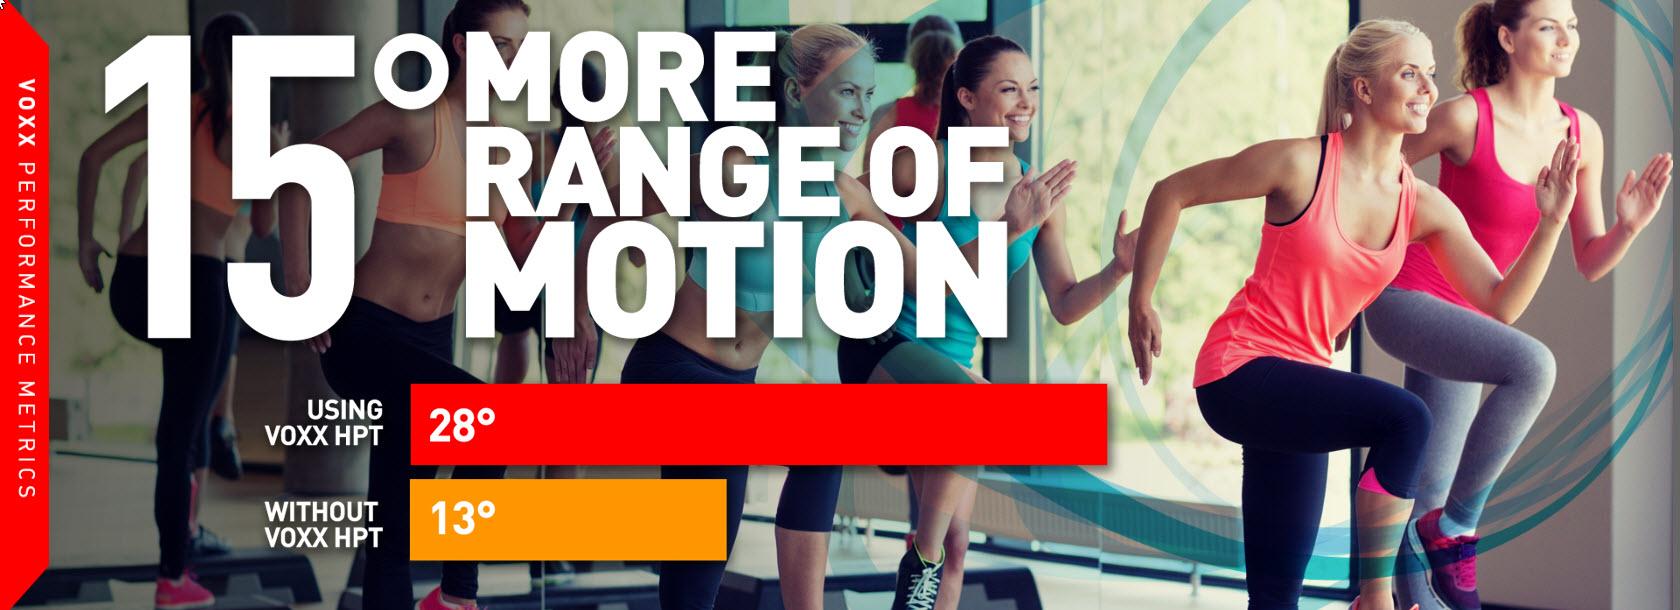 Range of Motion Image